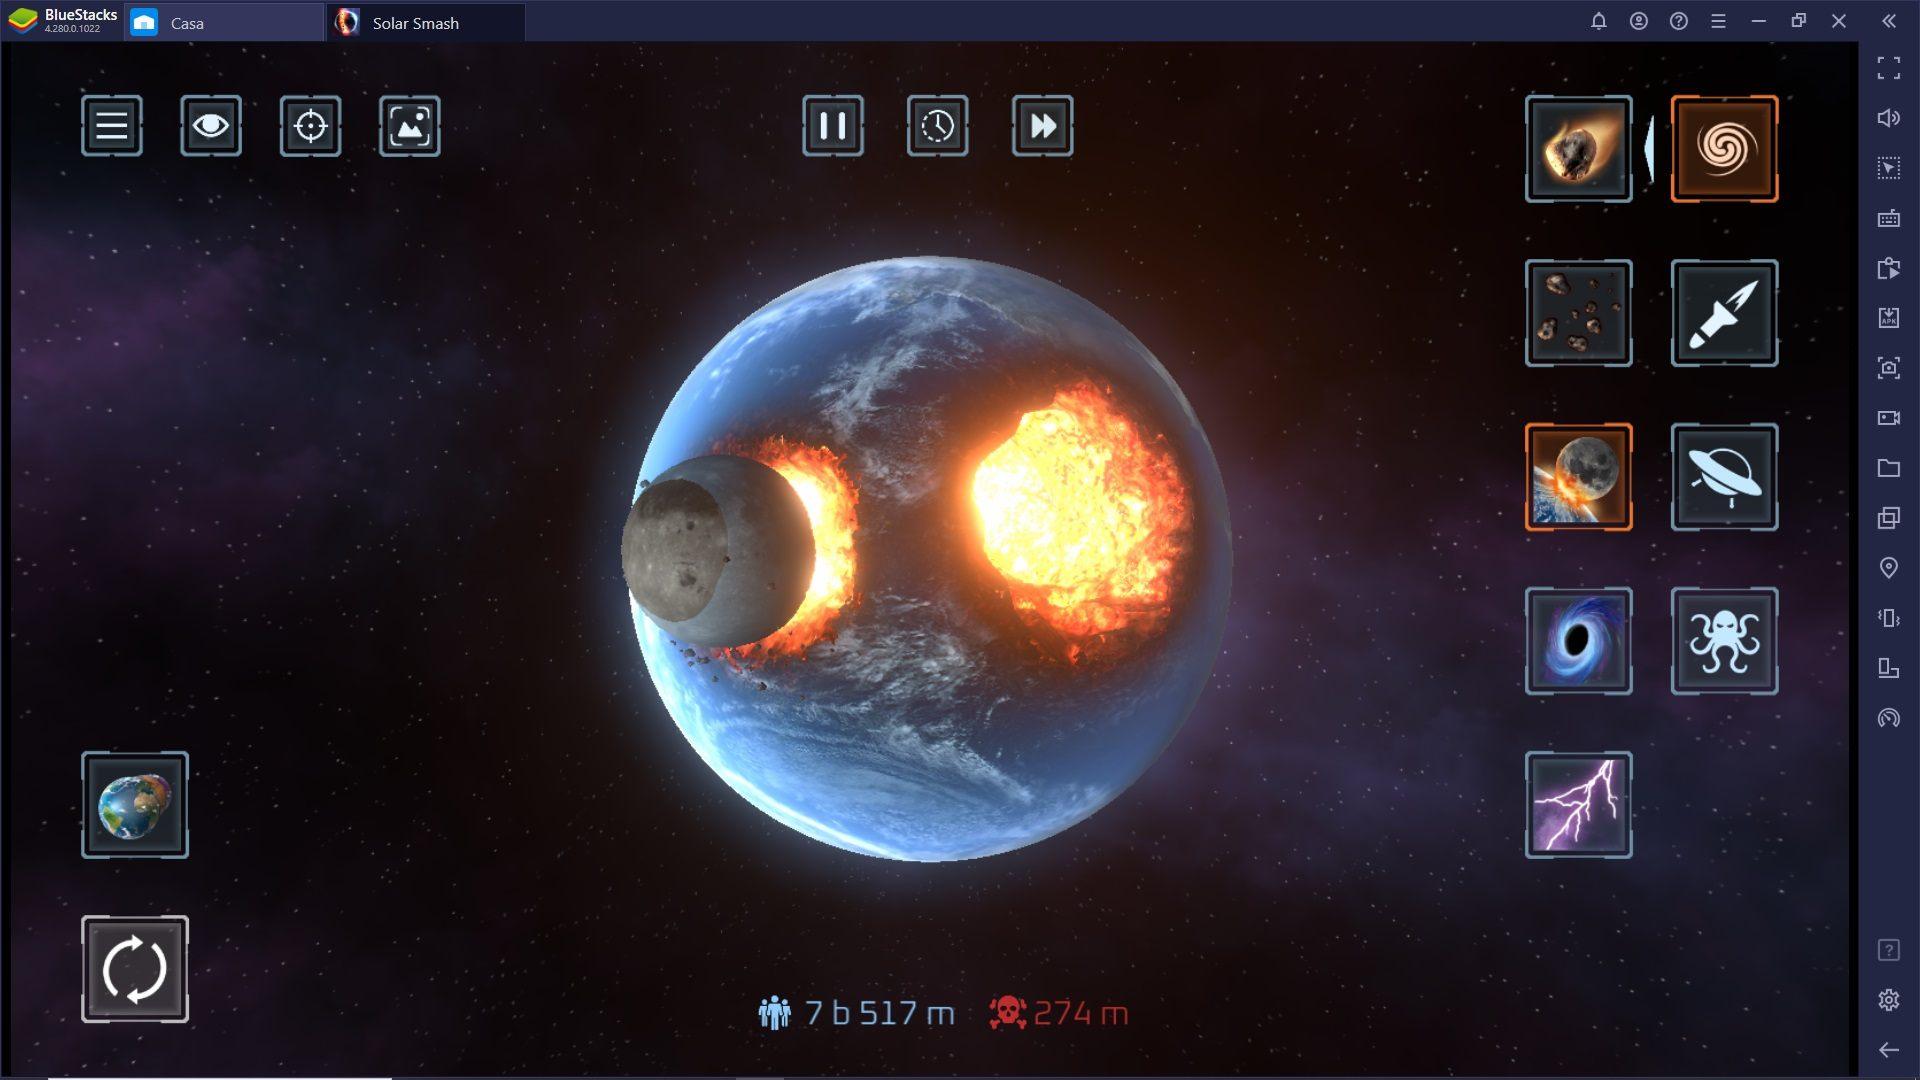 La Guida per i Nuovi Giocatori di Solar Smash